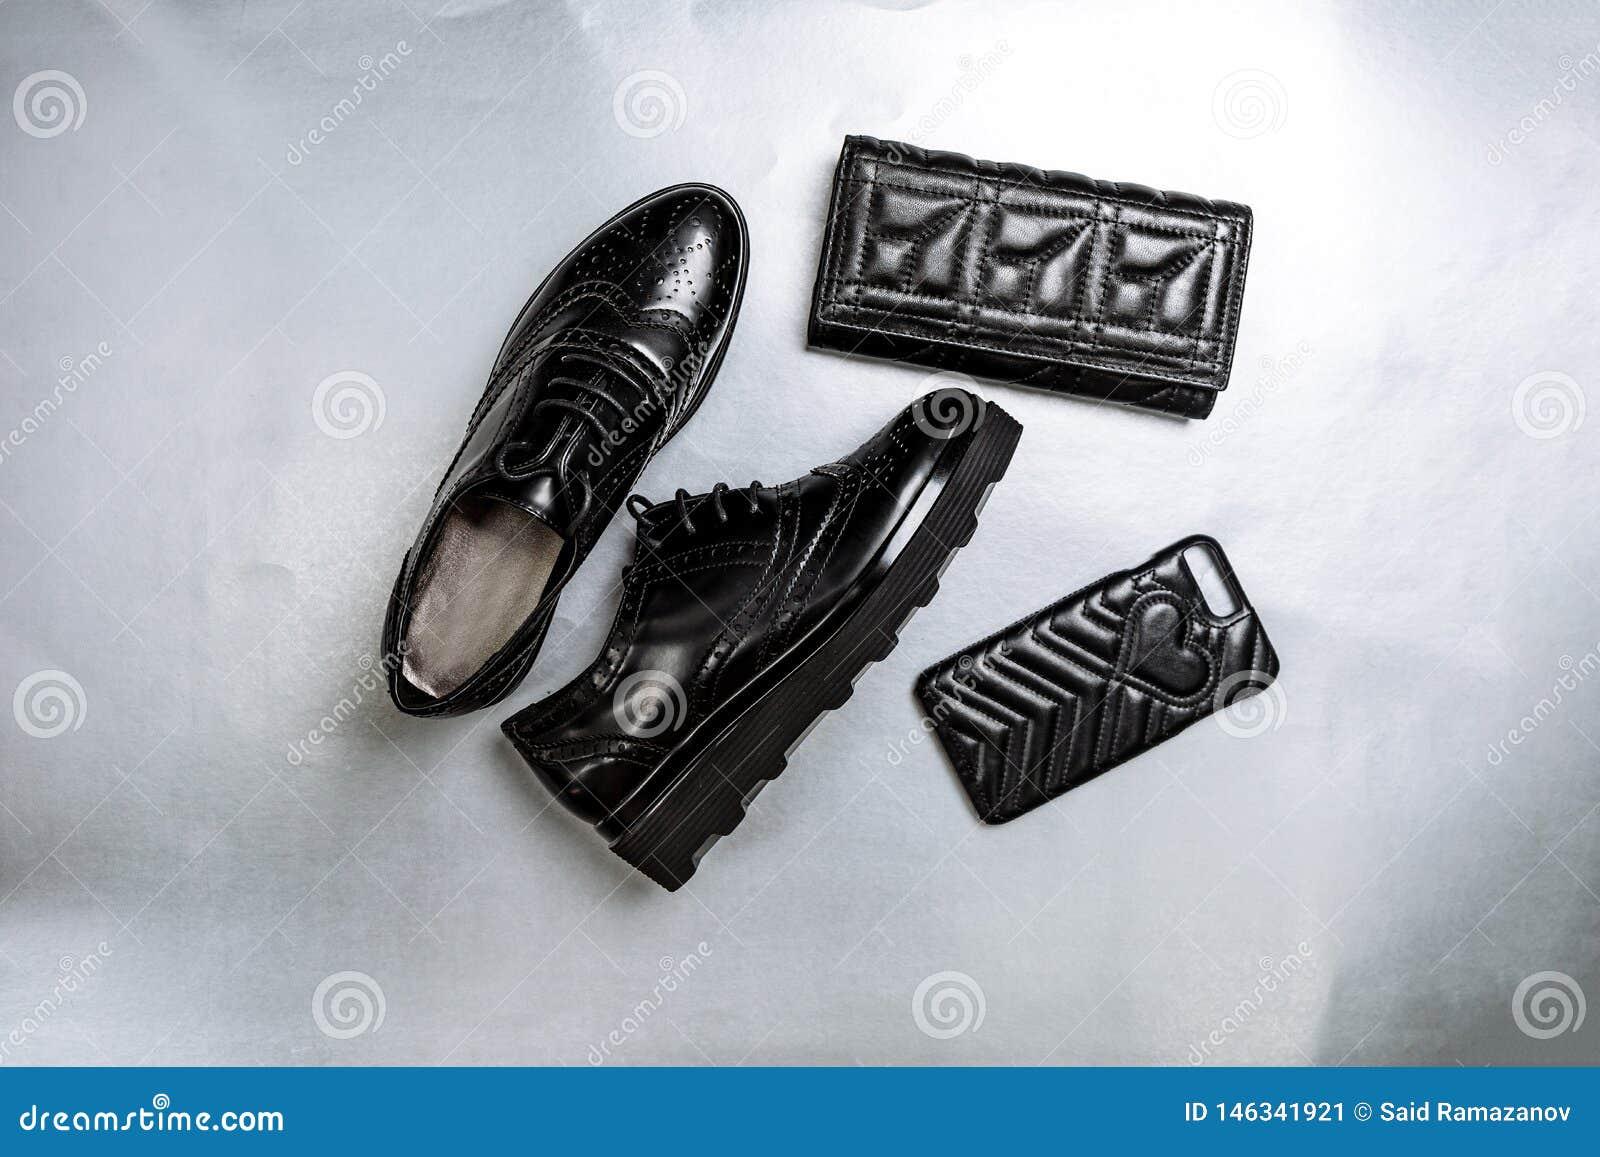 Μαύρα διατρυπημένα oxfords παπουτσιών, ένα πορτοφόλι και μια τηλεφωνική περίπτωση σε ένα άσπρο υπόβαθρο εγγράφου